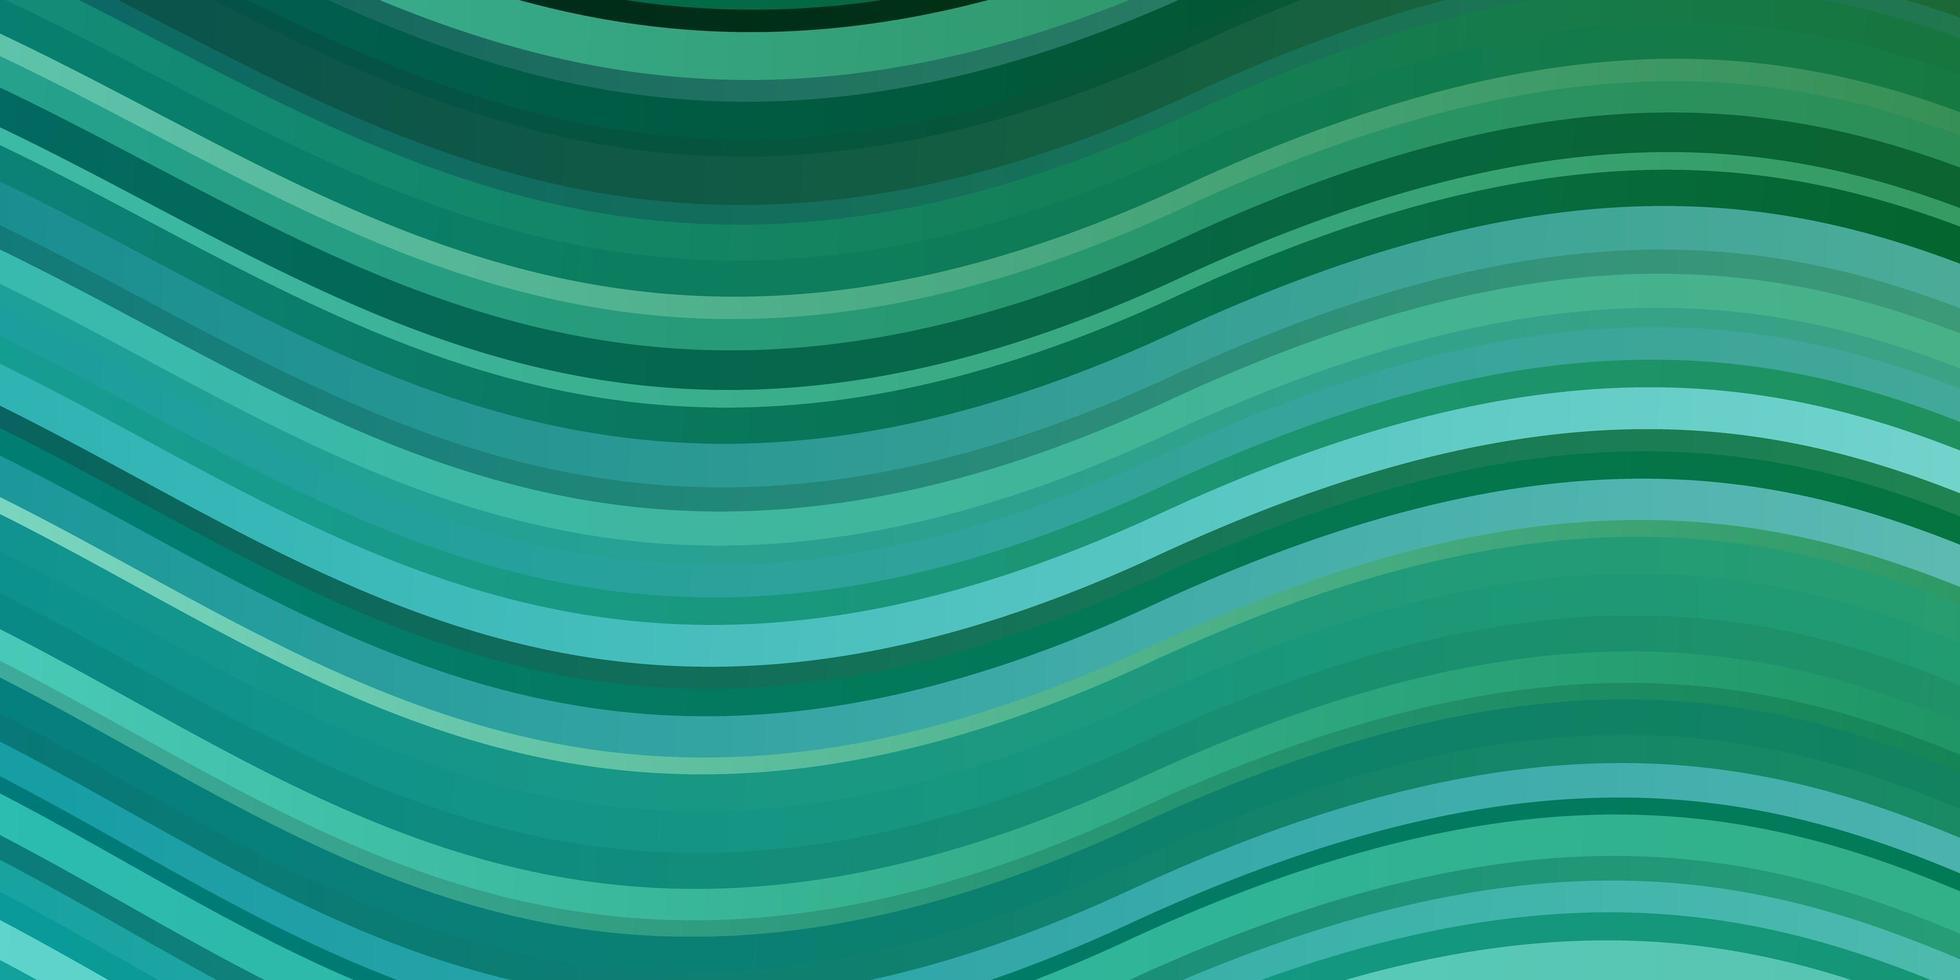 ljusblå, grön vektormall med snygga linjer. vektor